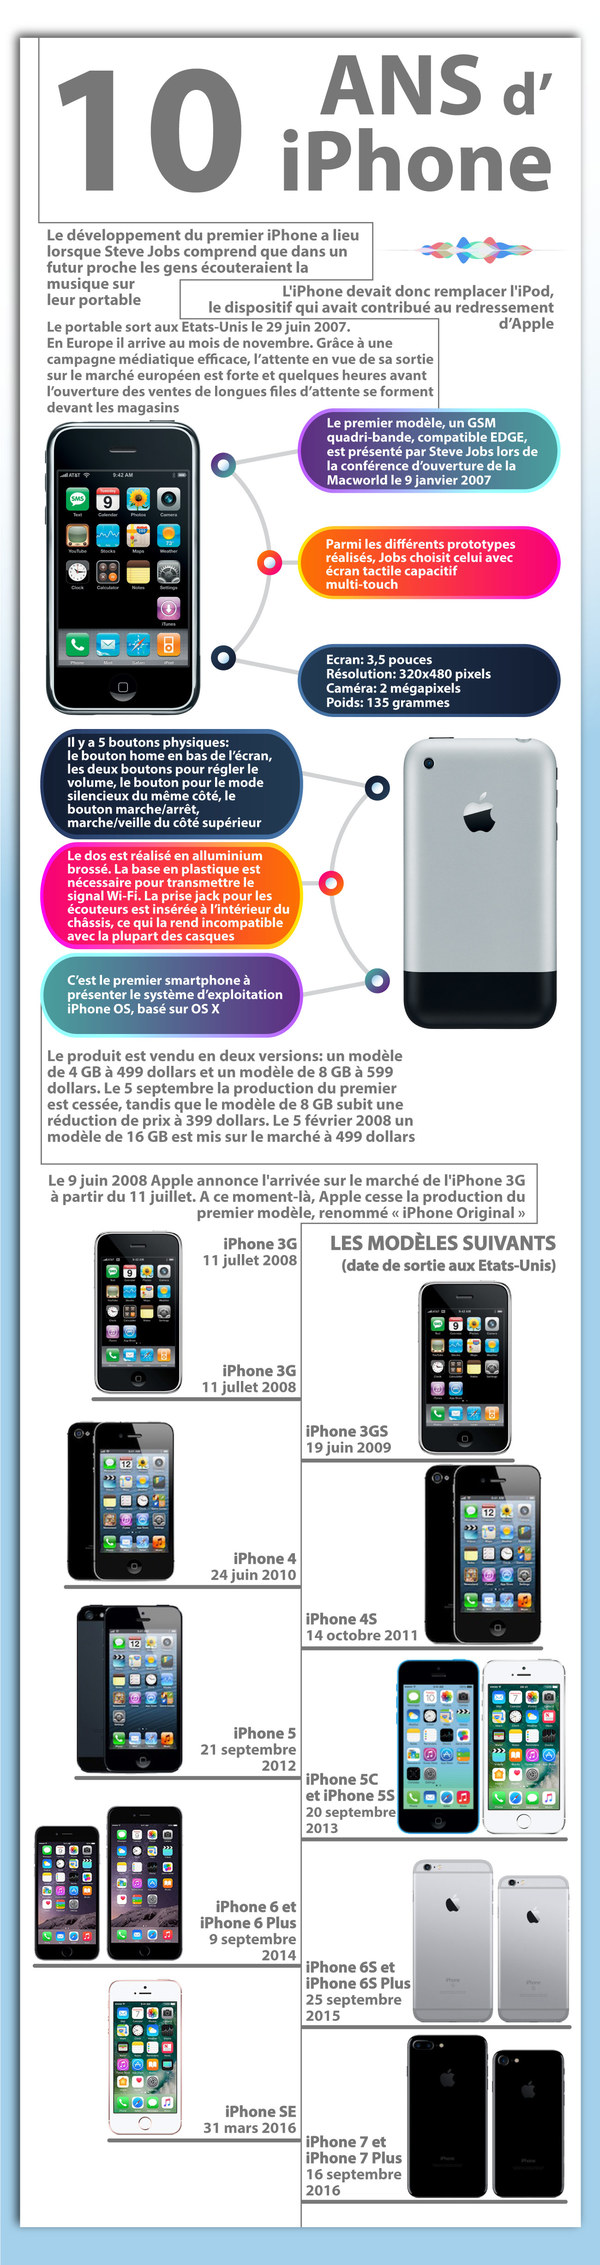 iphone 10 ans infographie - Infographie : les 10 ans de l'iPhone avec les différents modèles